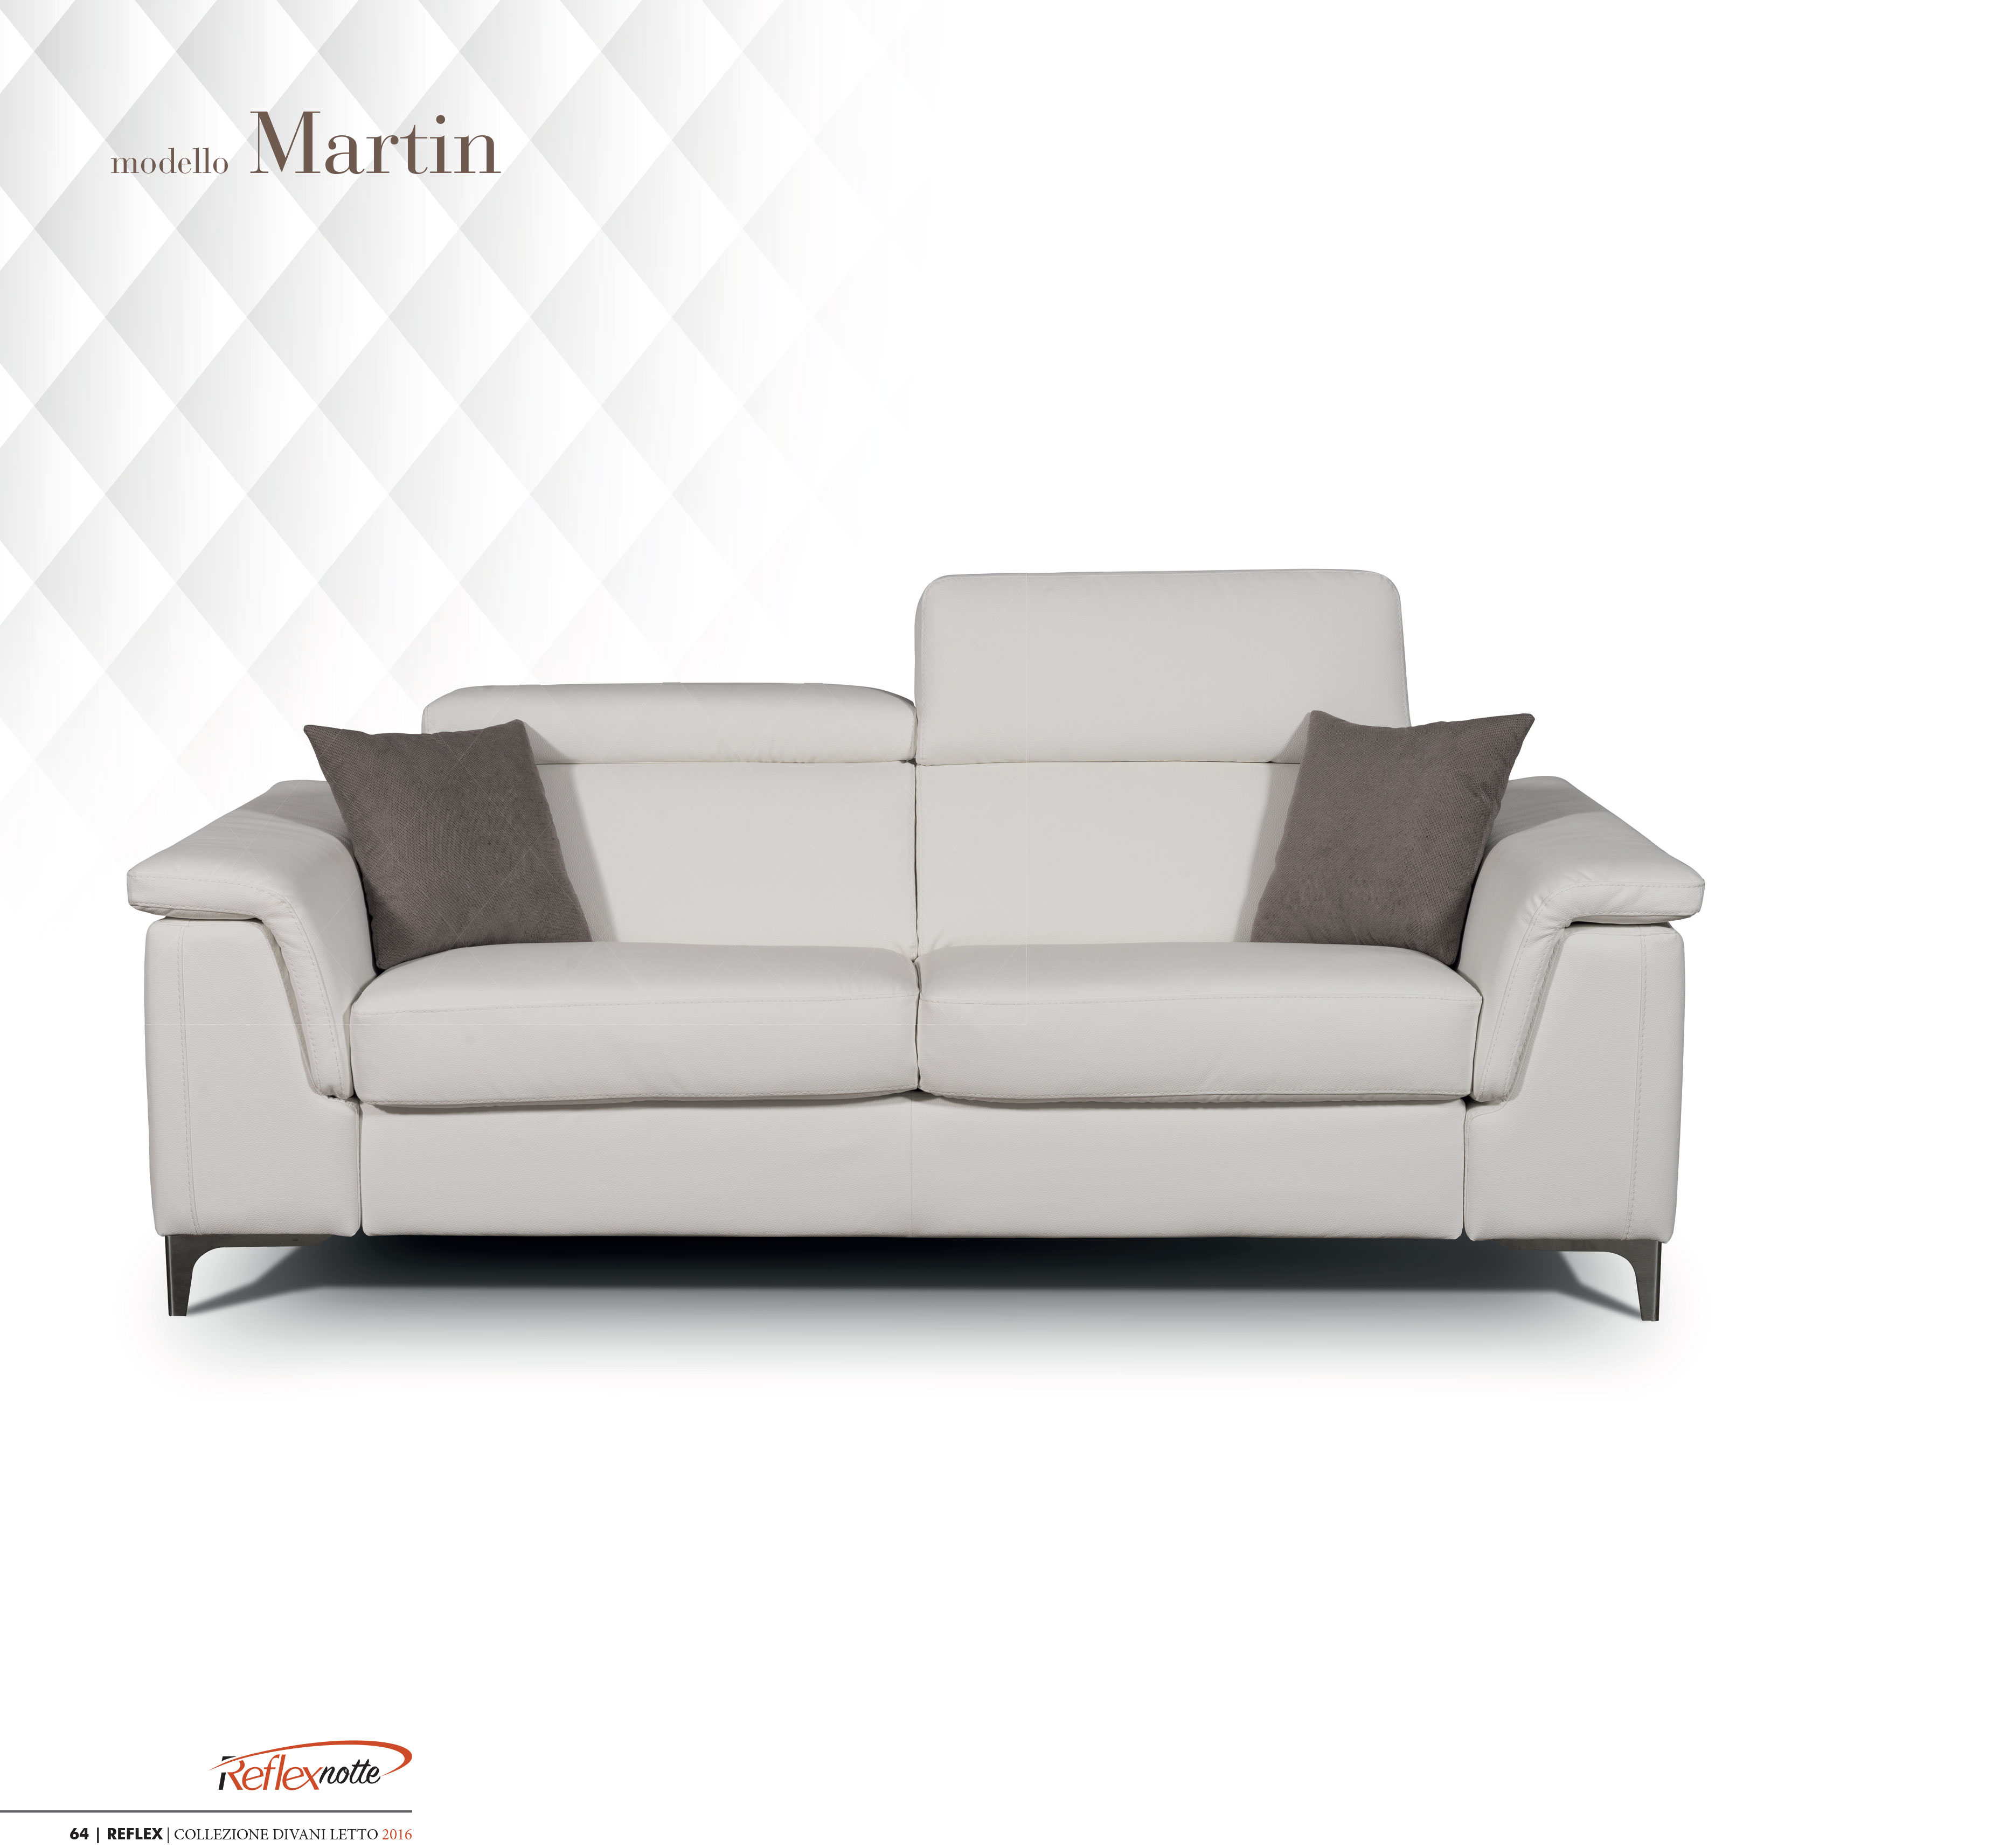 Divano letto modello martin - Divano martin colombini ...